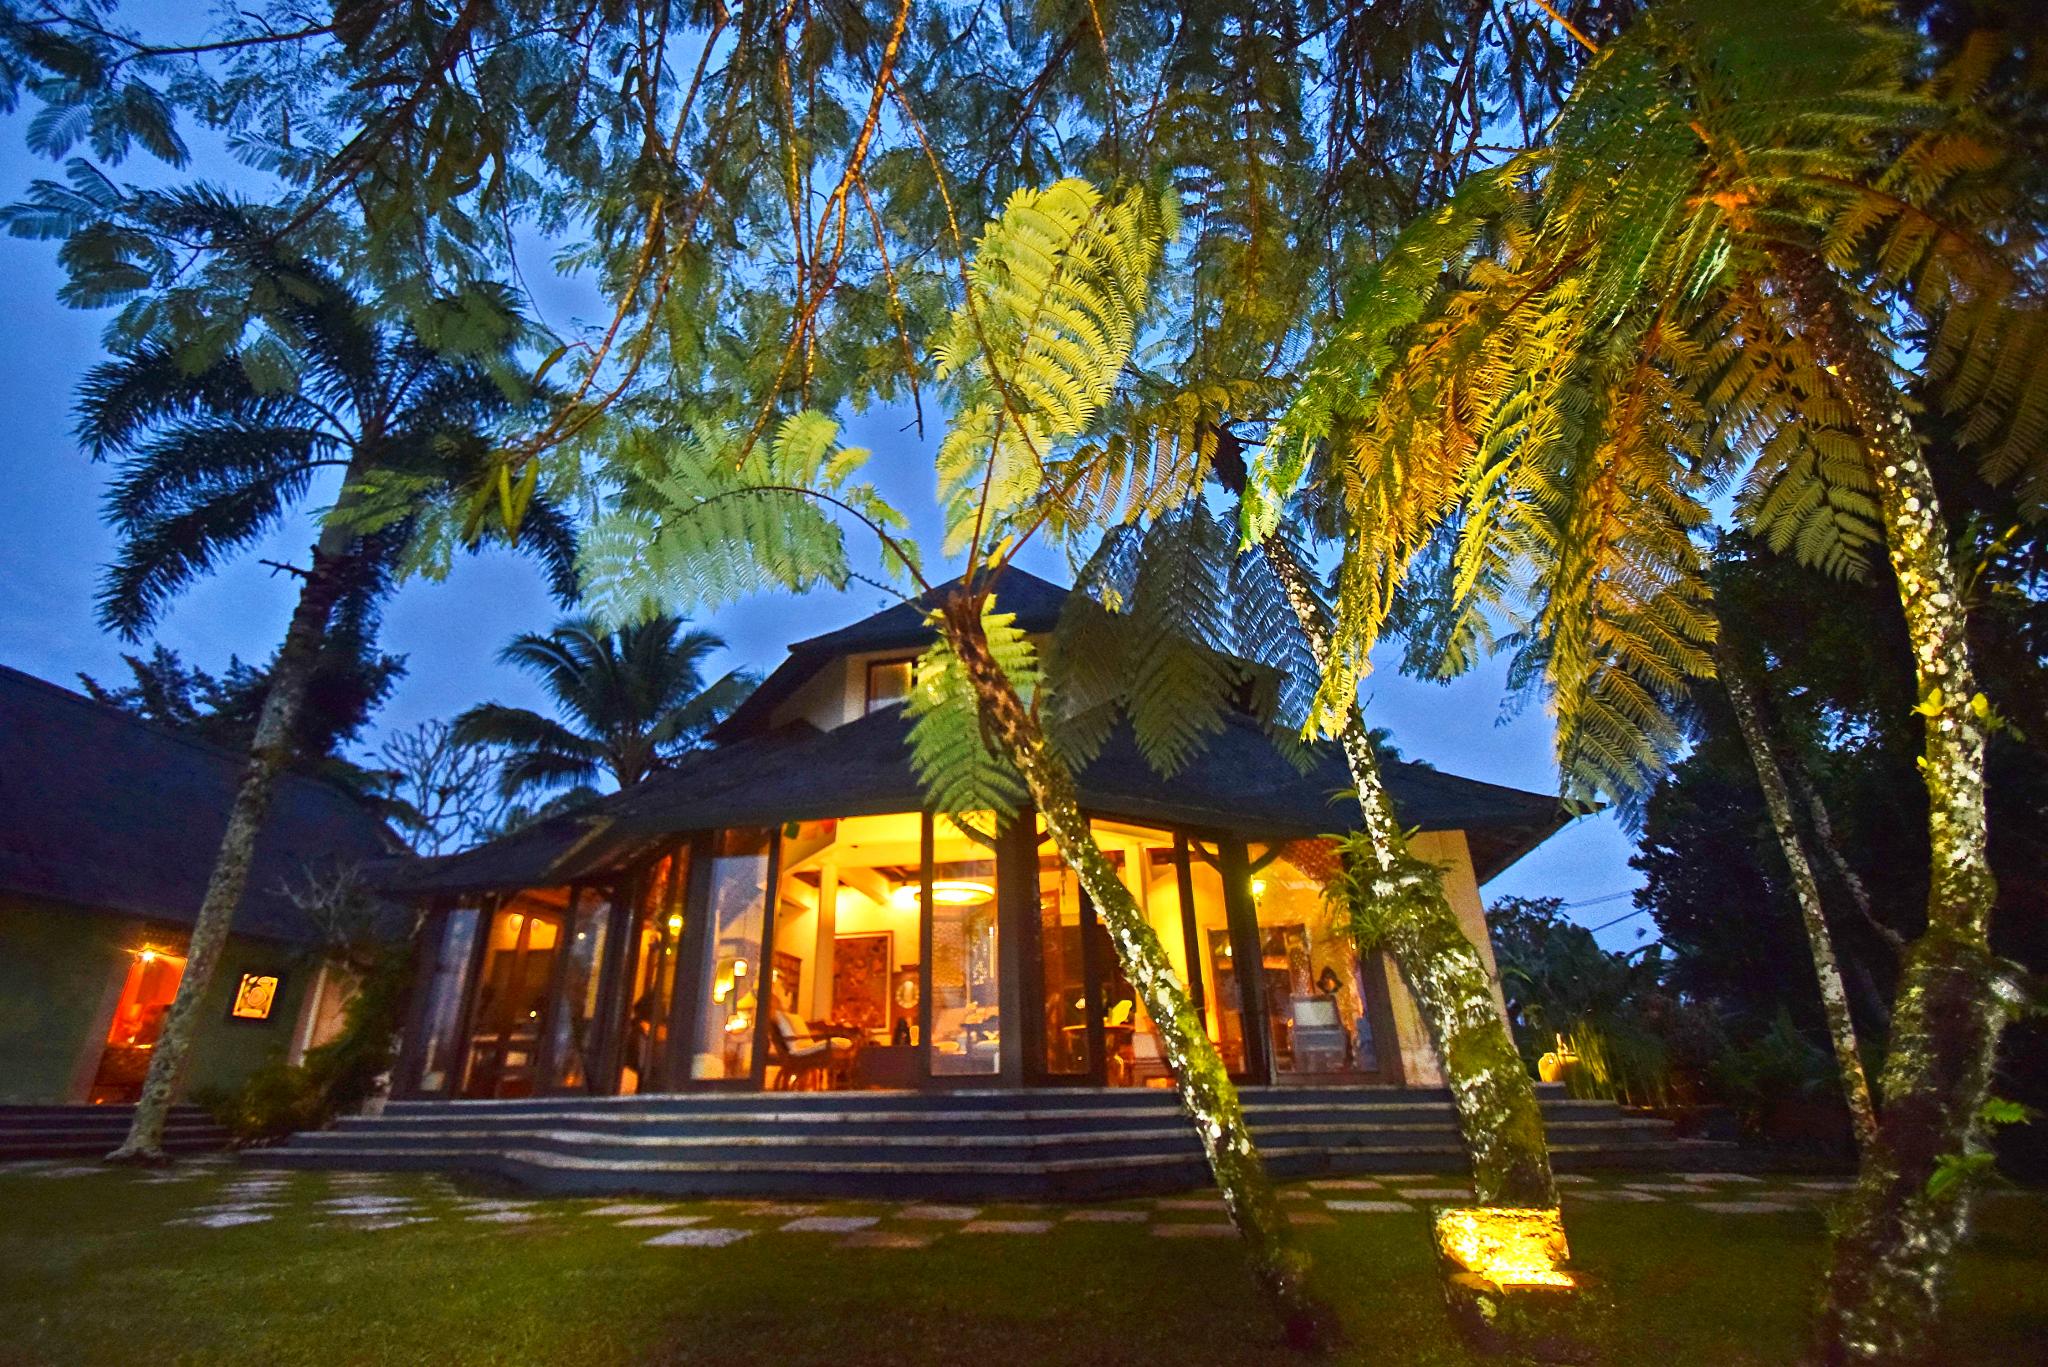 Second Pavilion